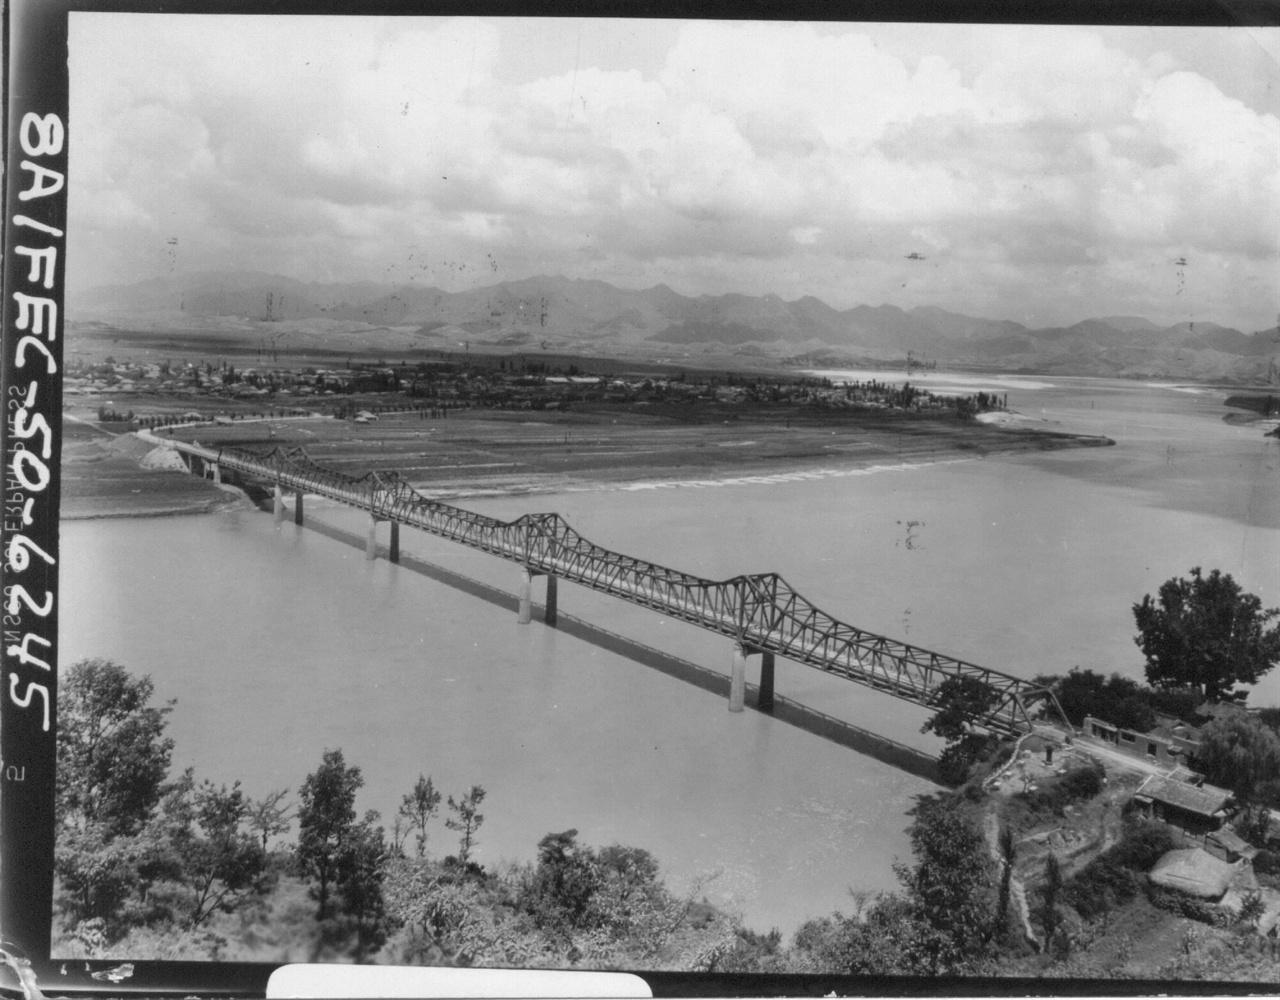 1950. 8. 15. 경남 창녕의 낙동강 남지 철교로 겉으로는 멀쩡해 보이지만 한창 전투 중일 때는 강물이 핏빛으로 물들었고, 상류에서 사체가 둥둥 떠내려 왔다고 한다.